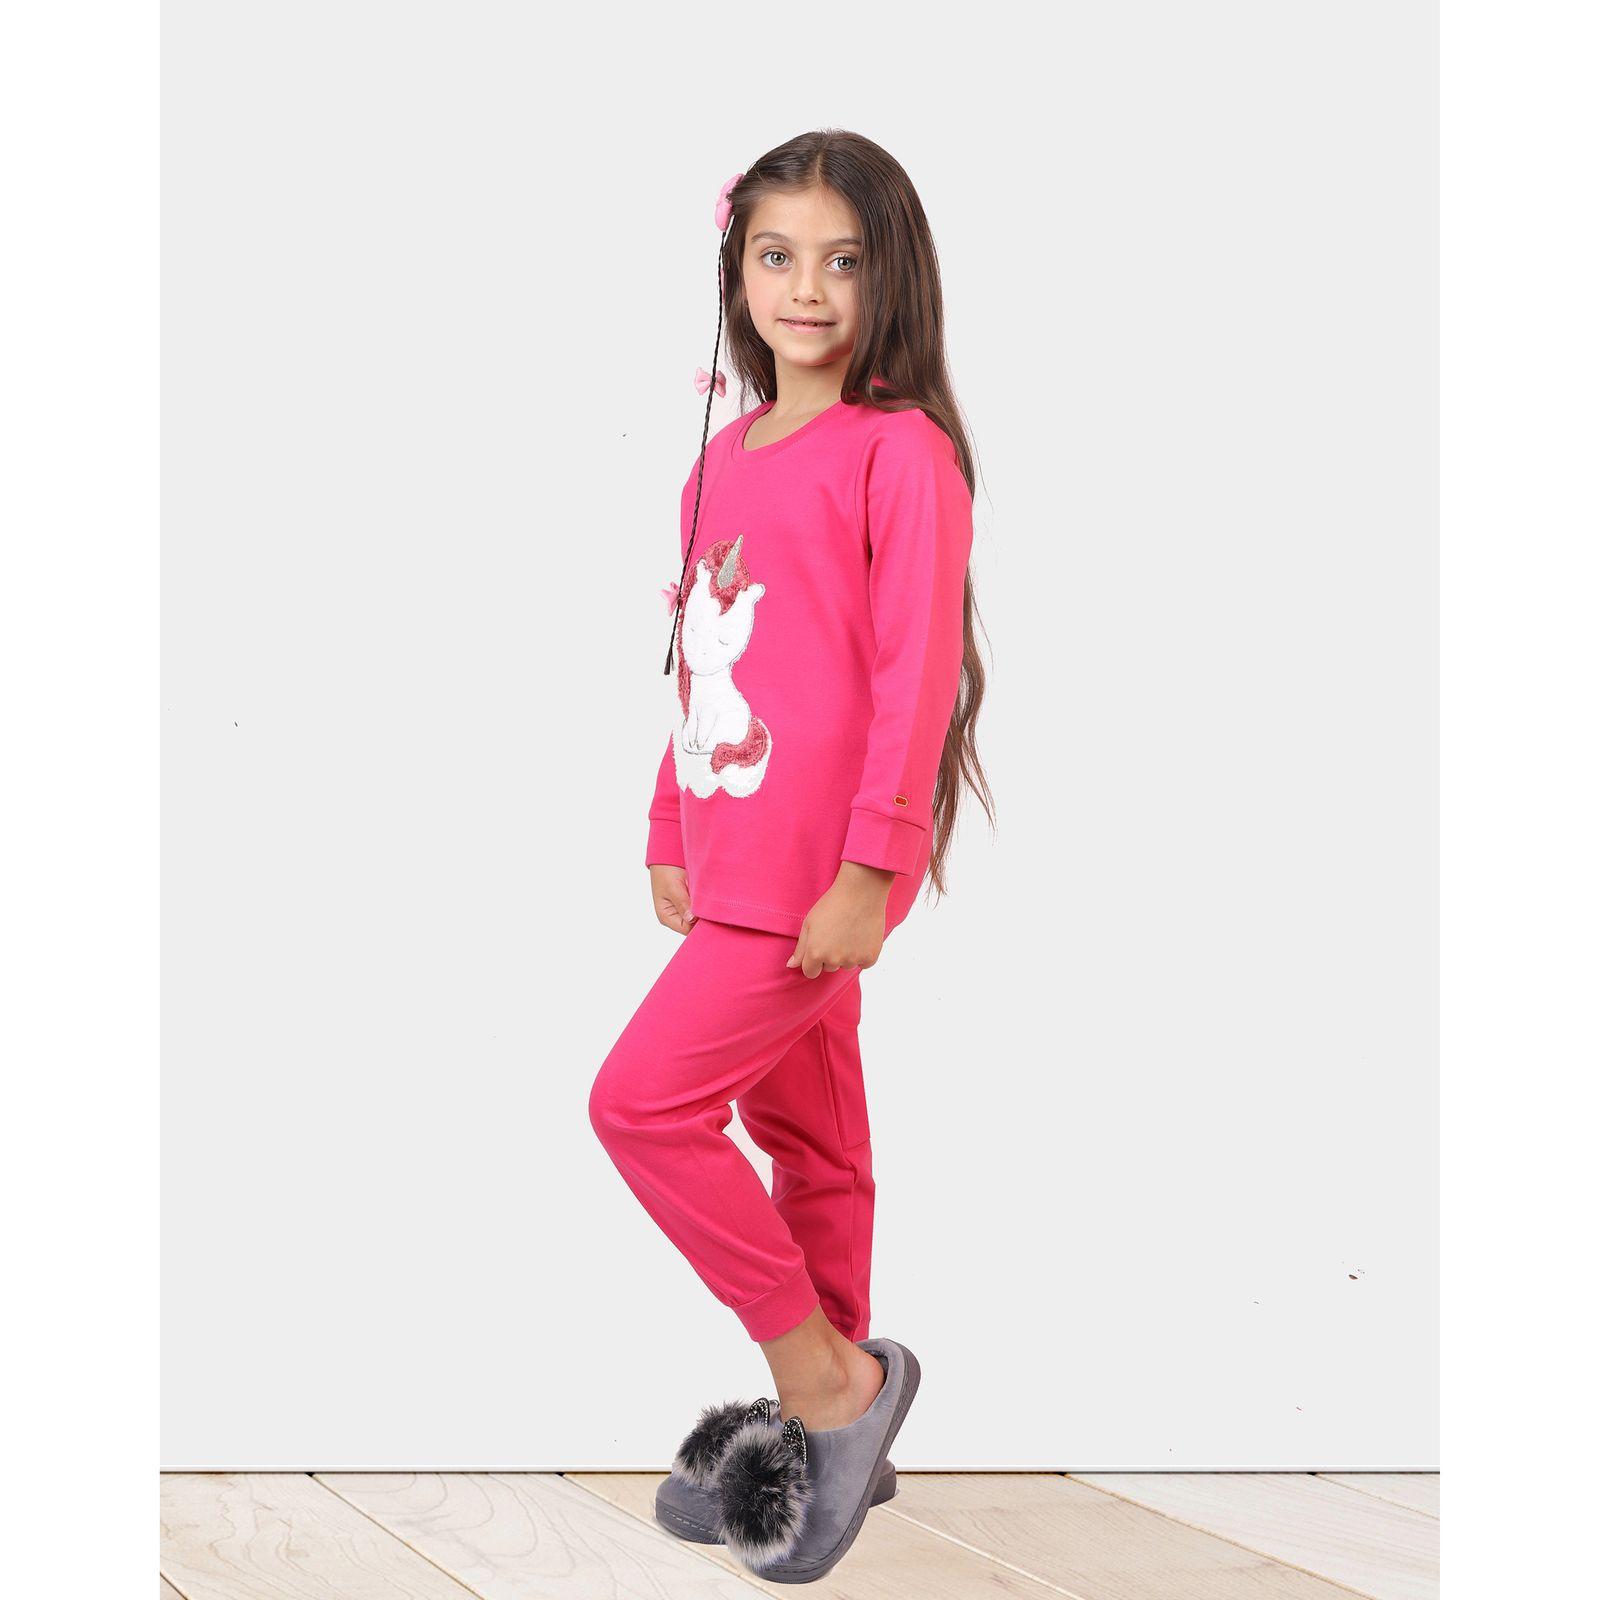 ست تی شرت و شلوار دخترانه مادر مدل 303-66 main 1 11